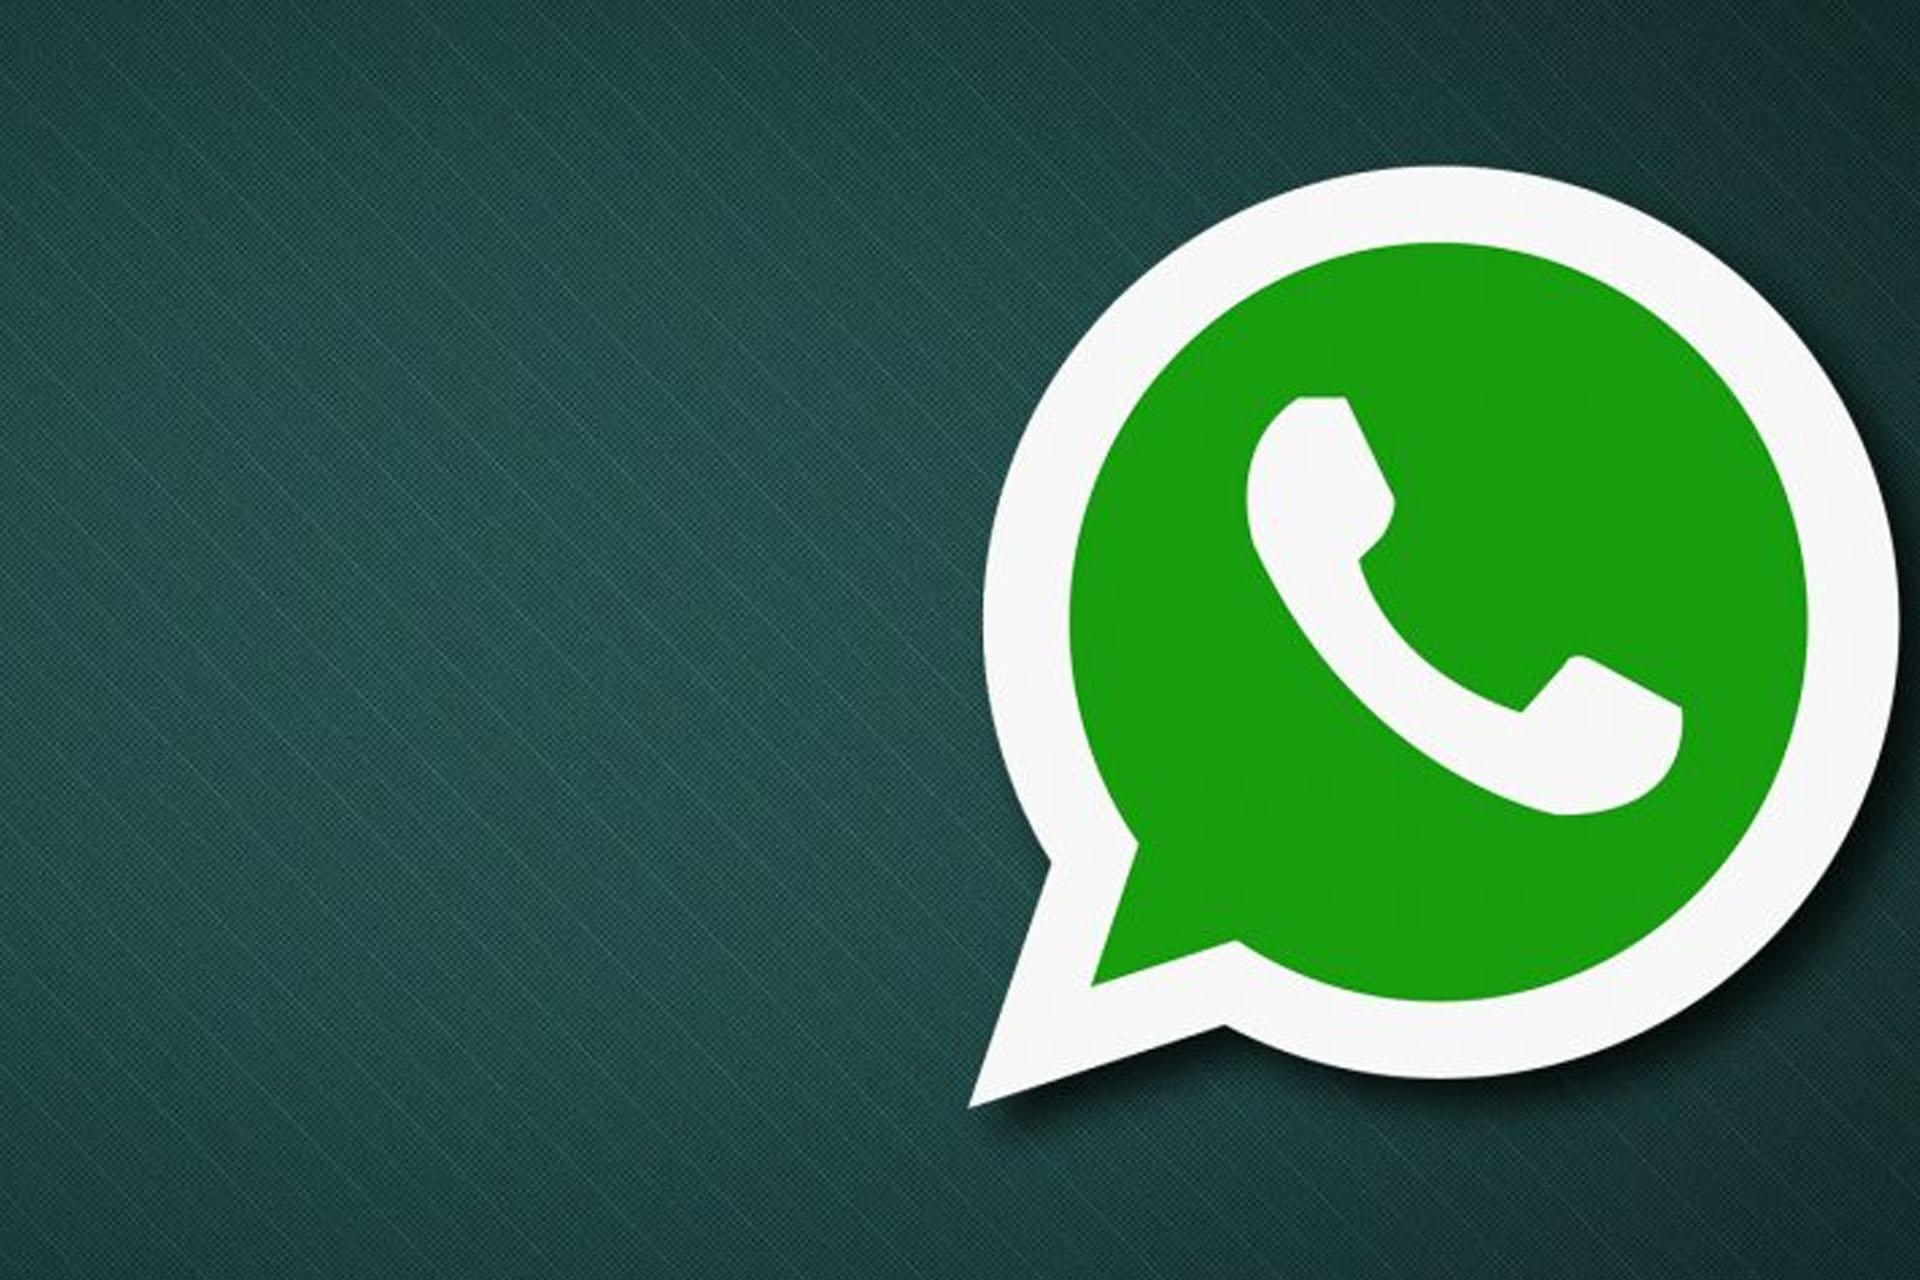 Dirigir a Whatsapp ahora será posible desde los anuncios en Facebook